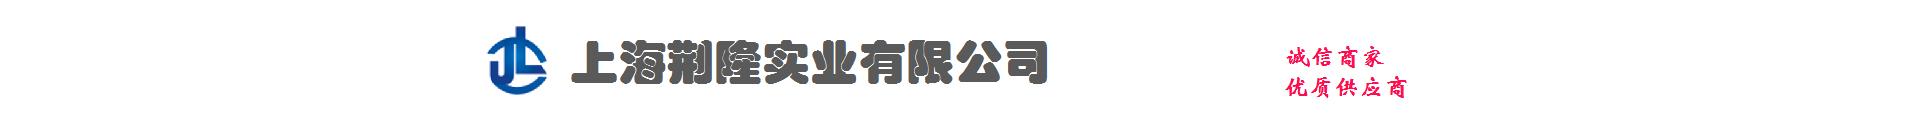 上海荊隆實業有限公司